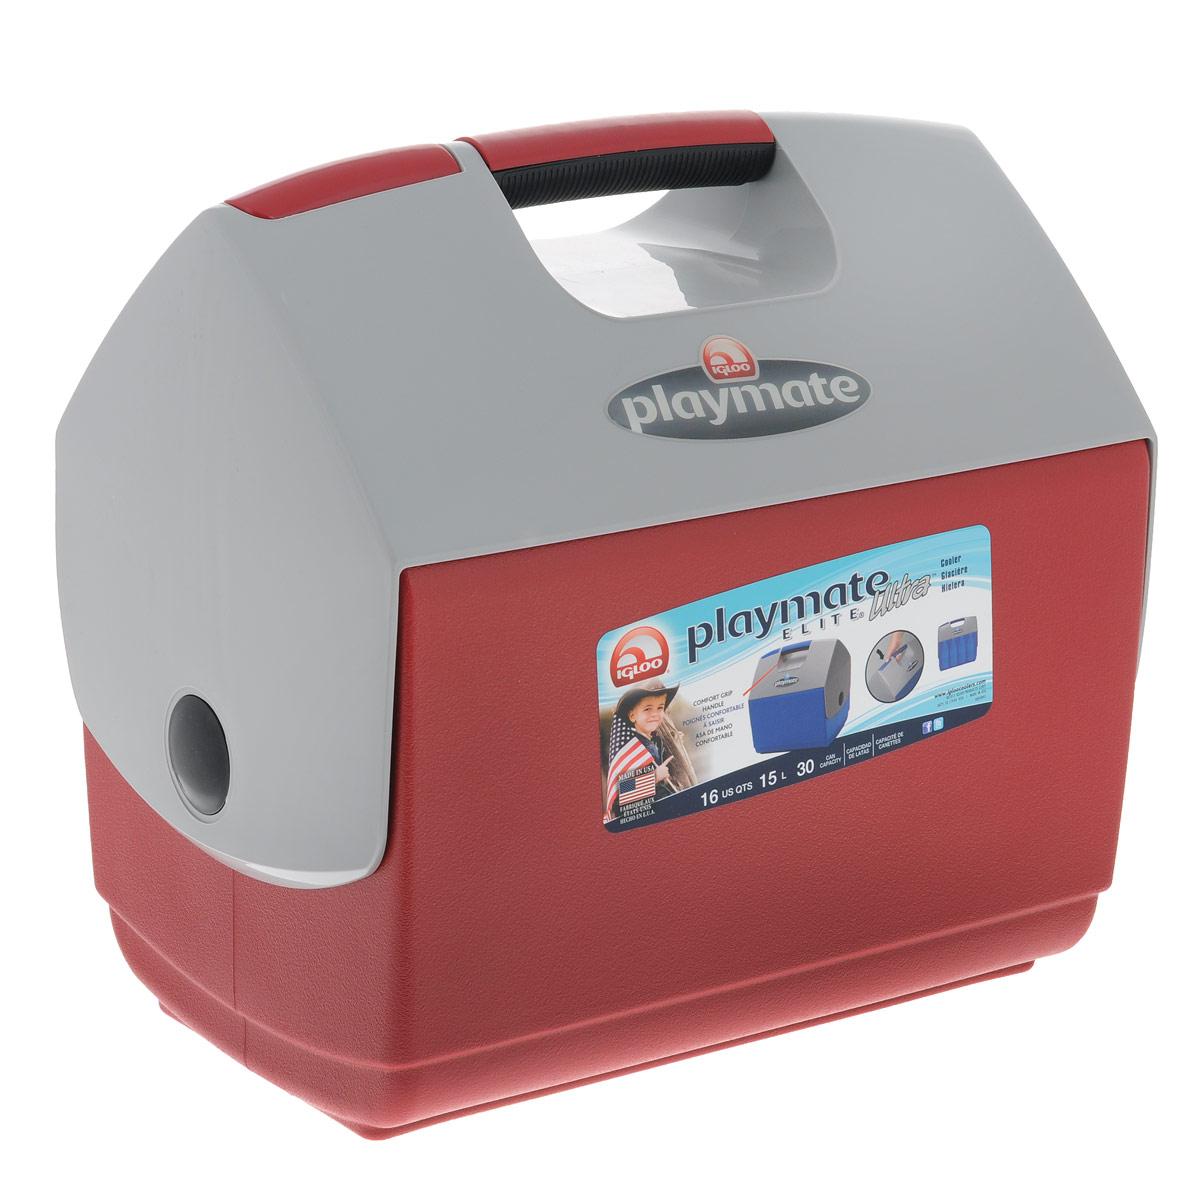 Изотермический контейнер Igloo Playmate Elite Ultra, цвет: красный, 15 л96281496Легкий и прочный изотермический контейнер Igloo Playmate Elite Ultra, изготовленный из высококачественного пластика, предназначен для транспортировки и хранения продуктов и напитков. Для поддержания низкой температуры необходимо использовать с аккумуляторами холода.Особенности изотермического контейнера Igloo Playmate Elite Ultra: - Оригинальный замок на верхней крышки Playmate-Realise для открывания одной рукой;- Крышка распахивается, обеспечивая легкий доступ к содержимому; - Фирменный дизайн Playmate; - Защелка надежно фиксирует крышку; - UltraTherm изоляция корпуса и крышки сохраняет содержимое холодным; - Эргономичный гладкий дизайн корпуса;- Экологически чистые материалы. Размер контейнера: 38 см х 25 см х 36 см.Объем контейнера: 15 л.